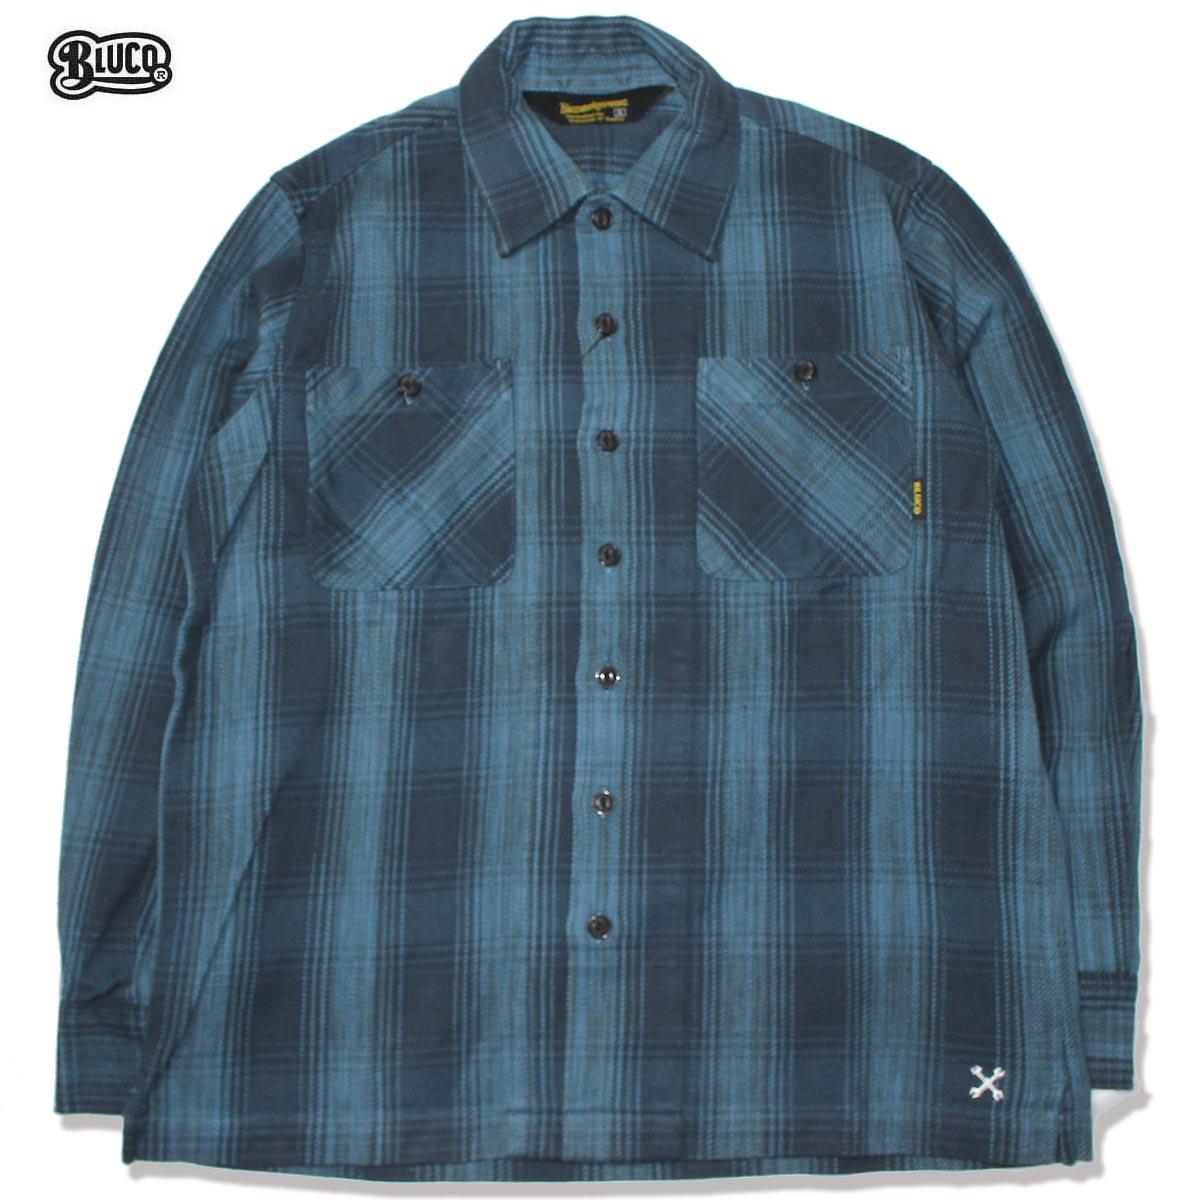 ☆送料無料☆BLUCO(ブルコ) OL-047-019 HEAVY NEL SHIRTS -ombre check-BLU